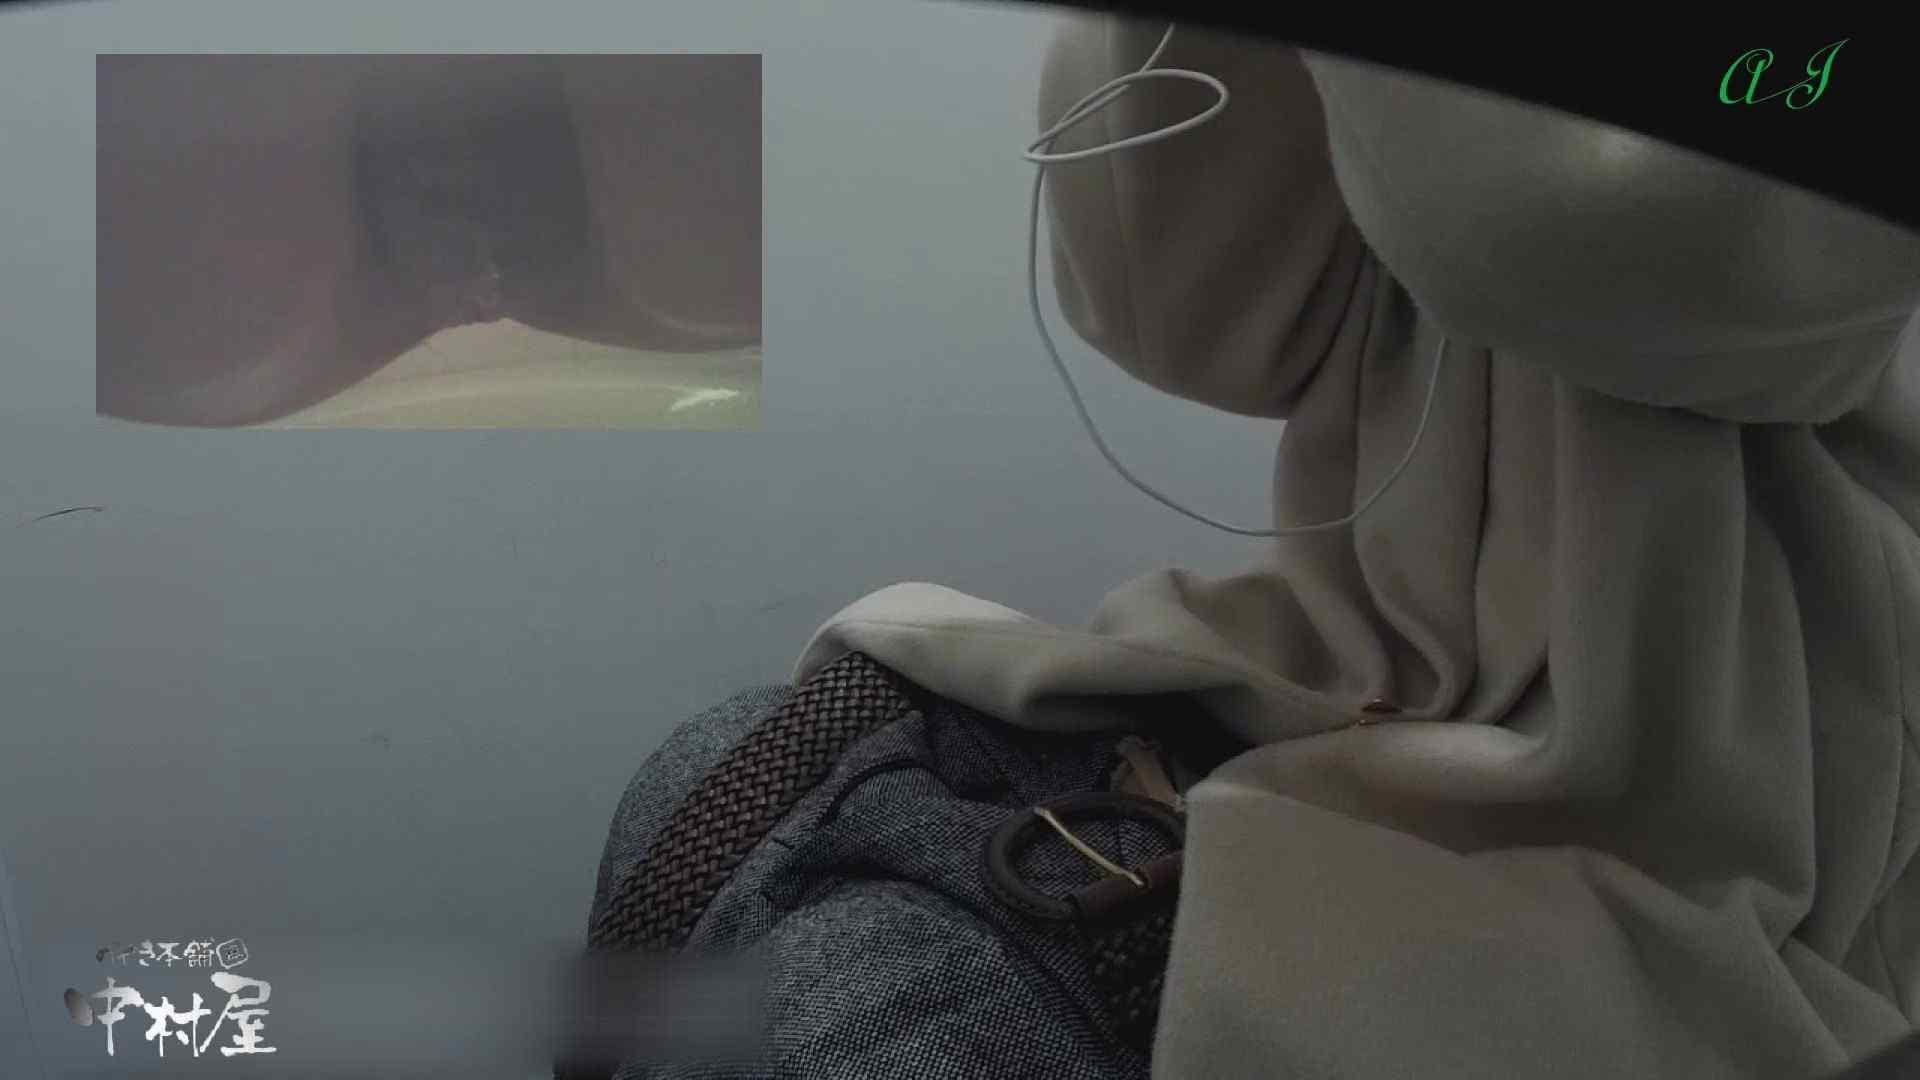 有名大学女性洗面所 vol.78 美女勢揃い 前編 洗面所編 戯れ無修正画像 105PIX 88